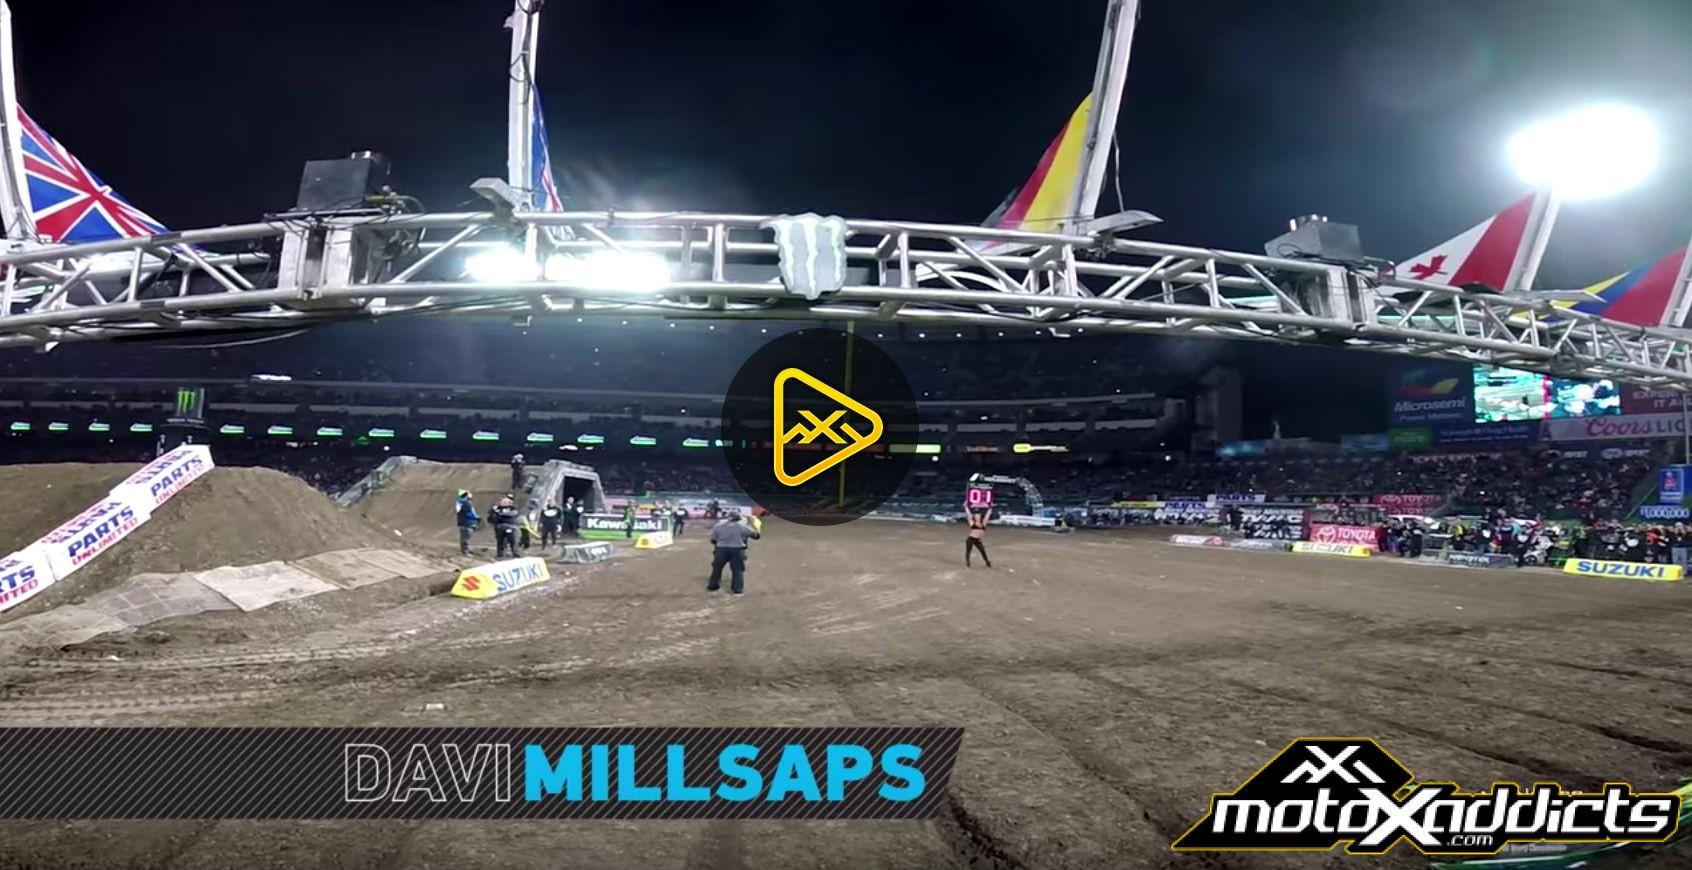 GoPro: Davi Millsaps – Main Event – 2017 Anaheim 2 SX